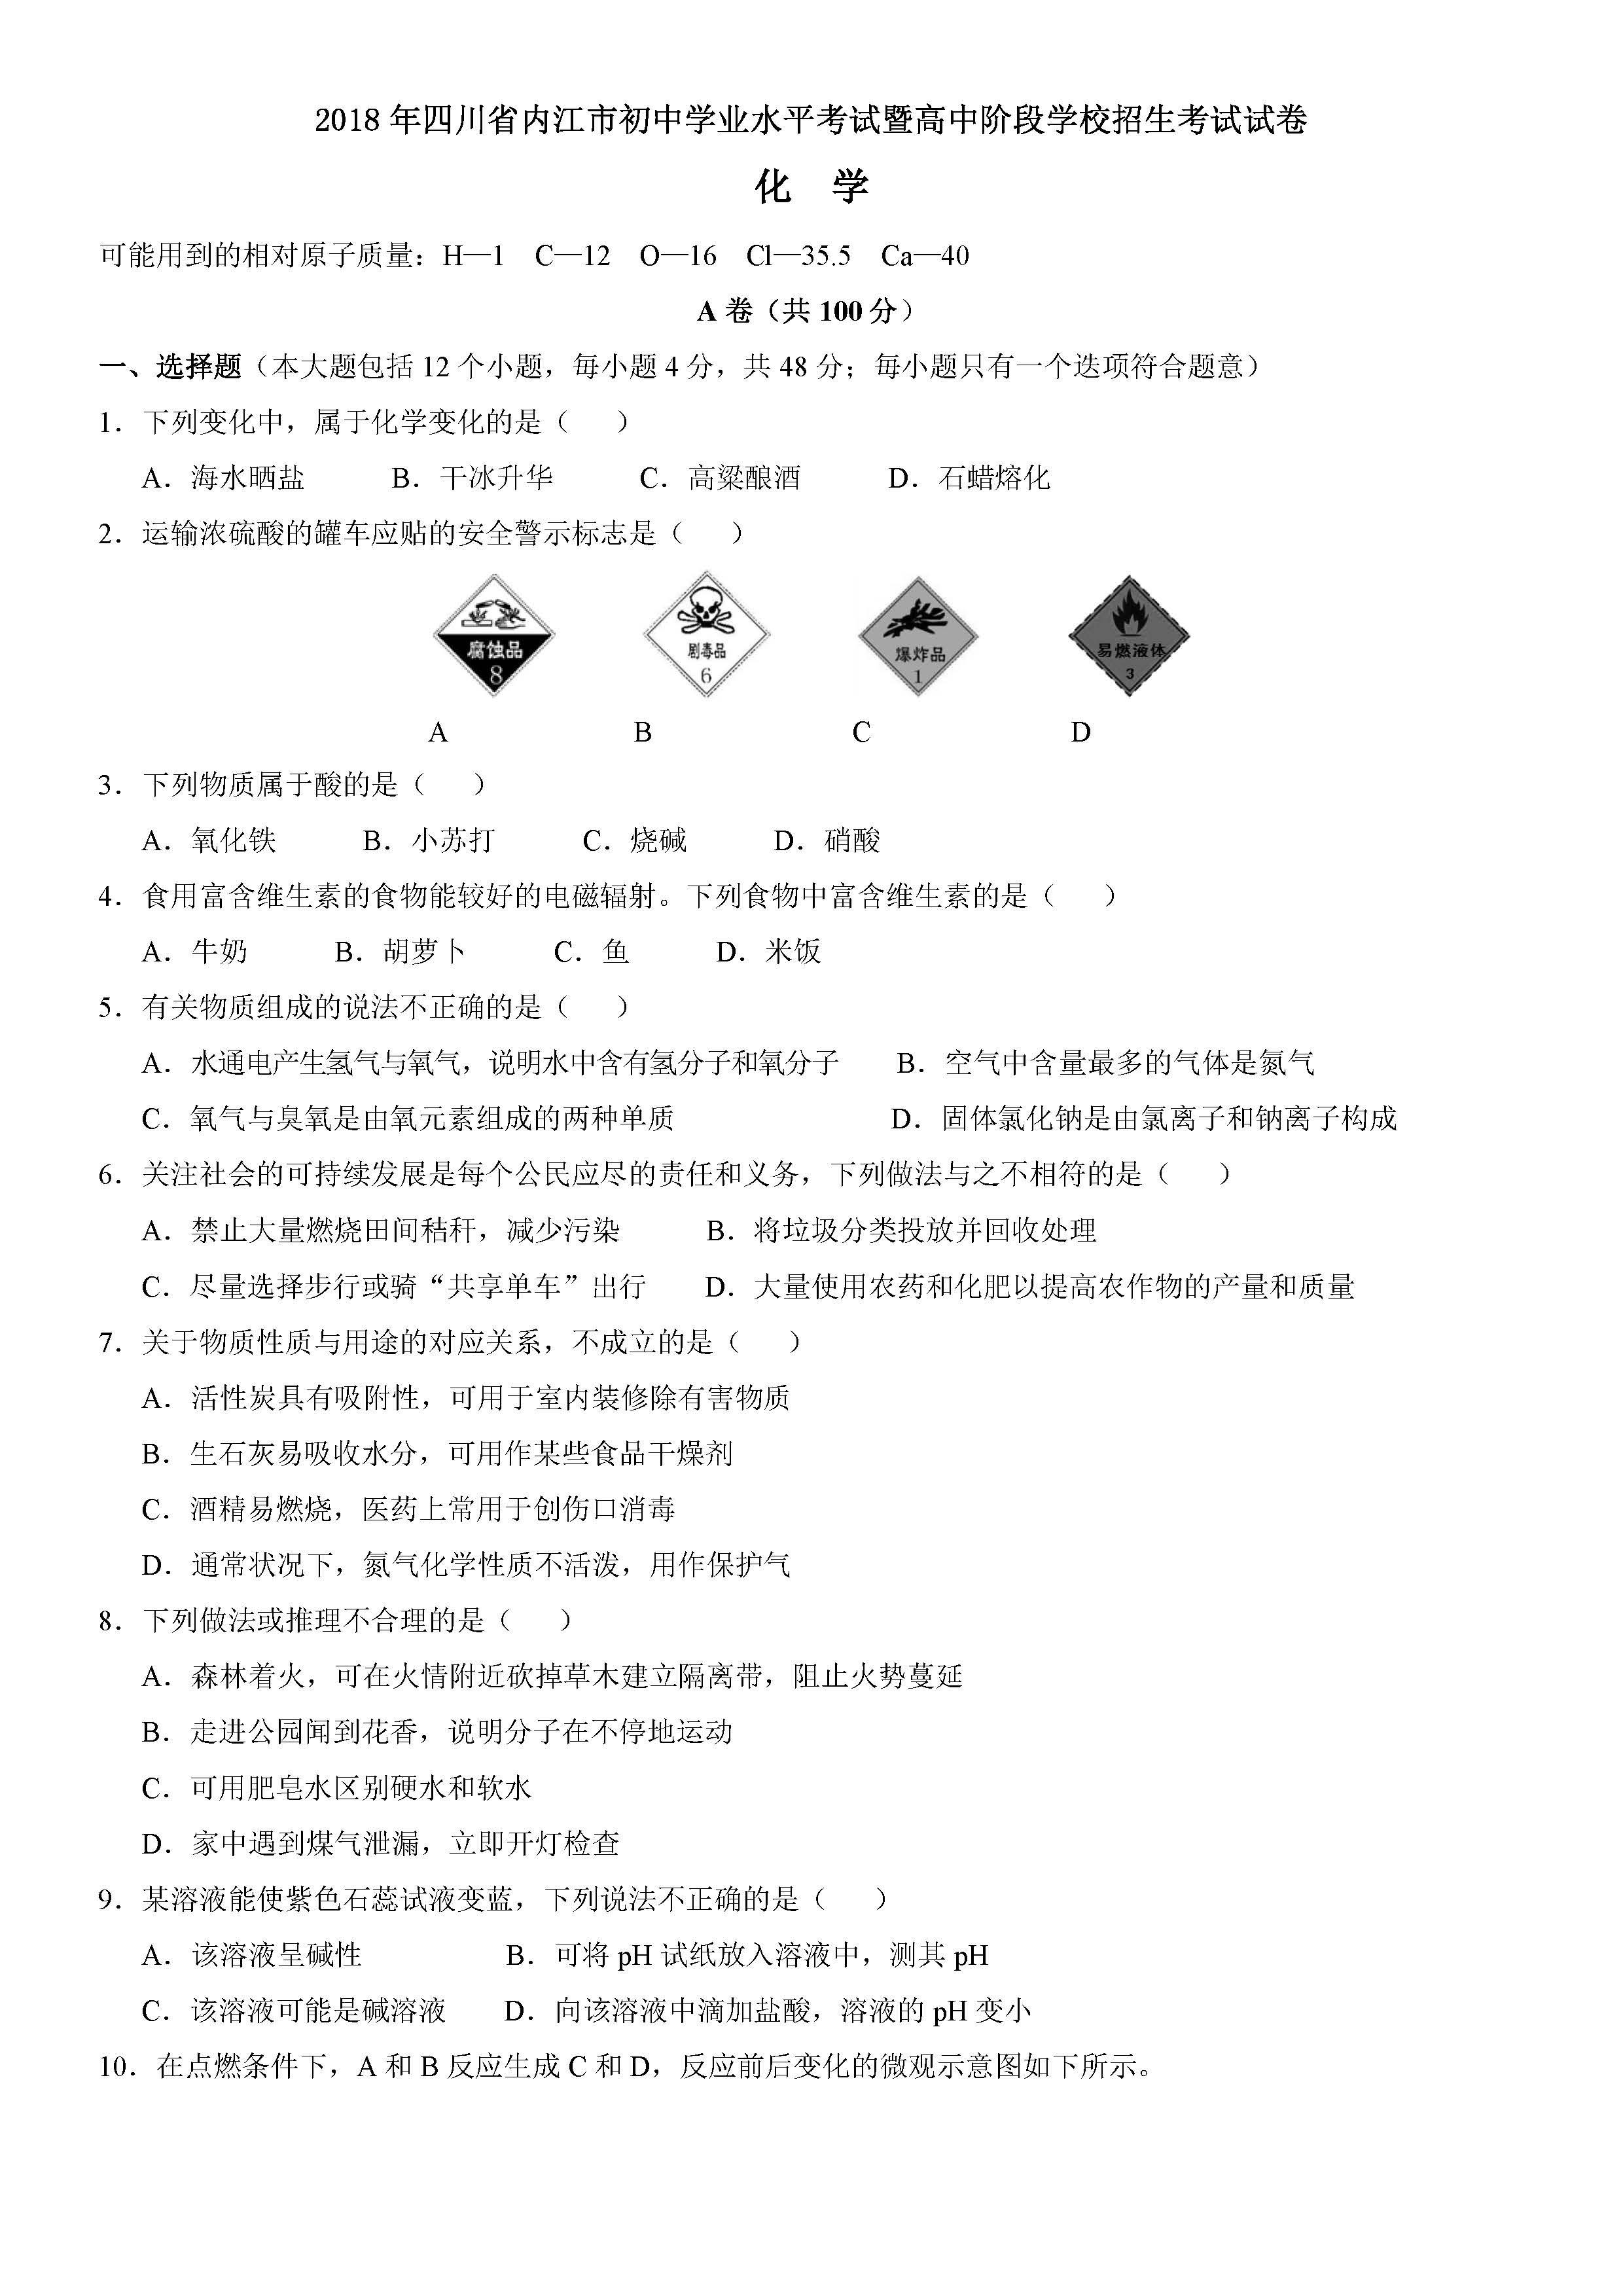 2018四川内江中考化学试题及答案解析